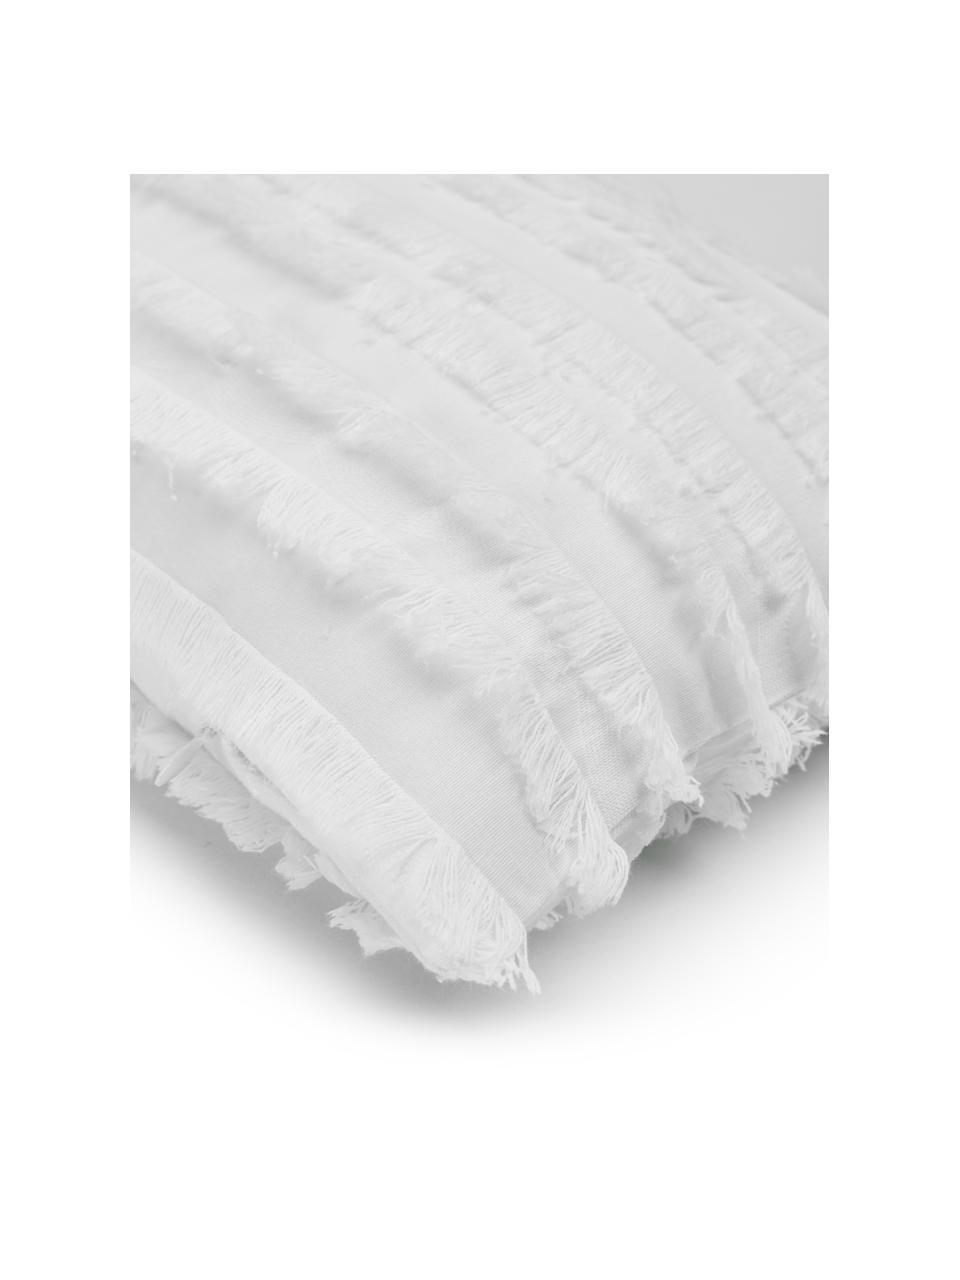 Housse de coussin rectangulaire blanche Jessie, Blanc